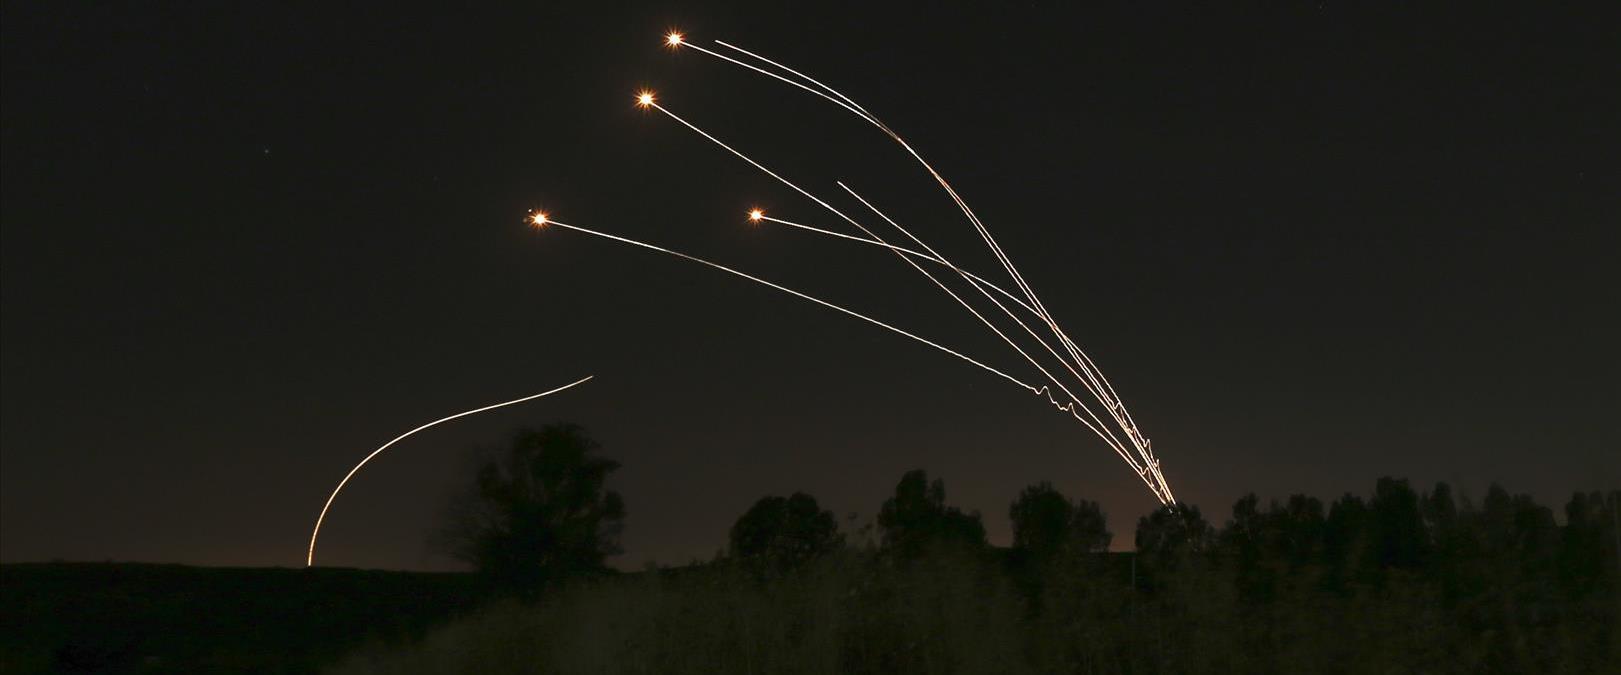 טיל כיפת ברזל משוגר לעבר רקטות מעזה